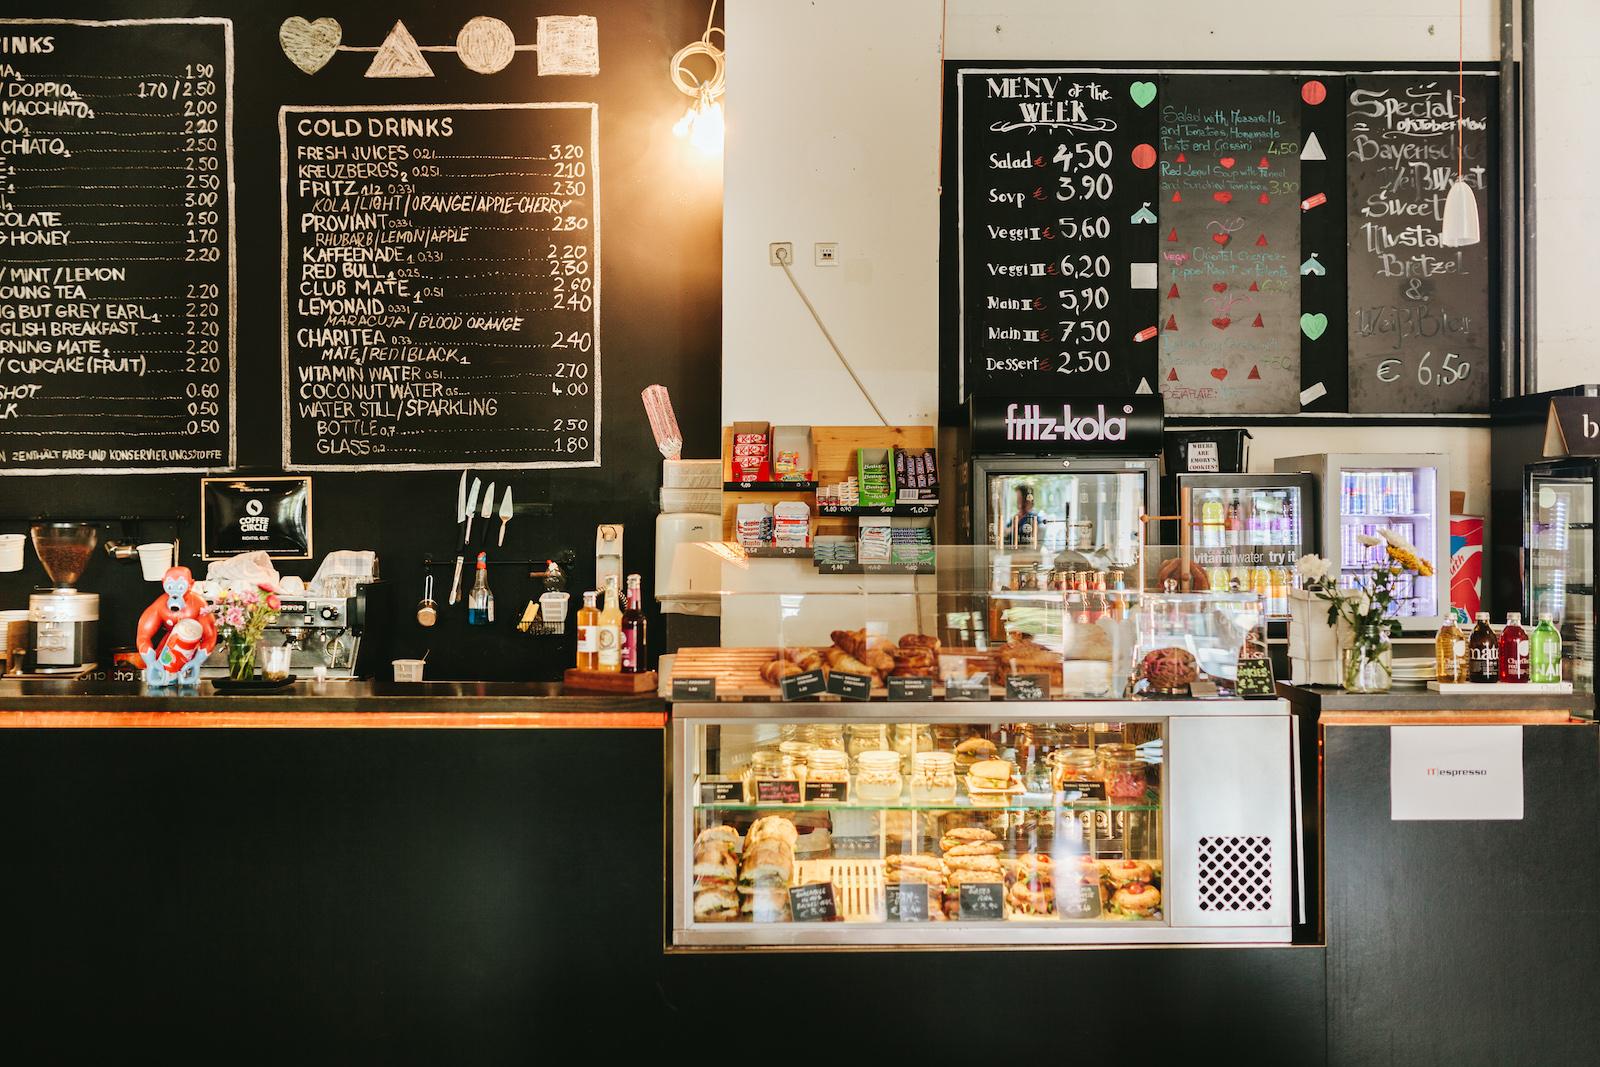 Betahaus_HR-Cafe-1-Danique van Kesteren